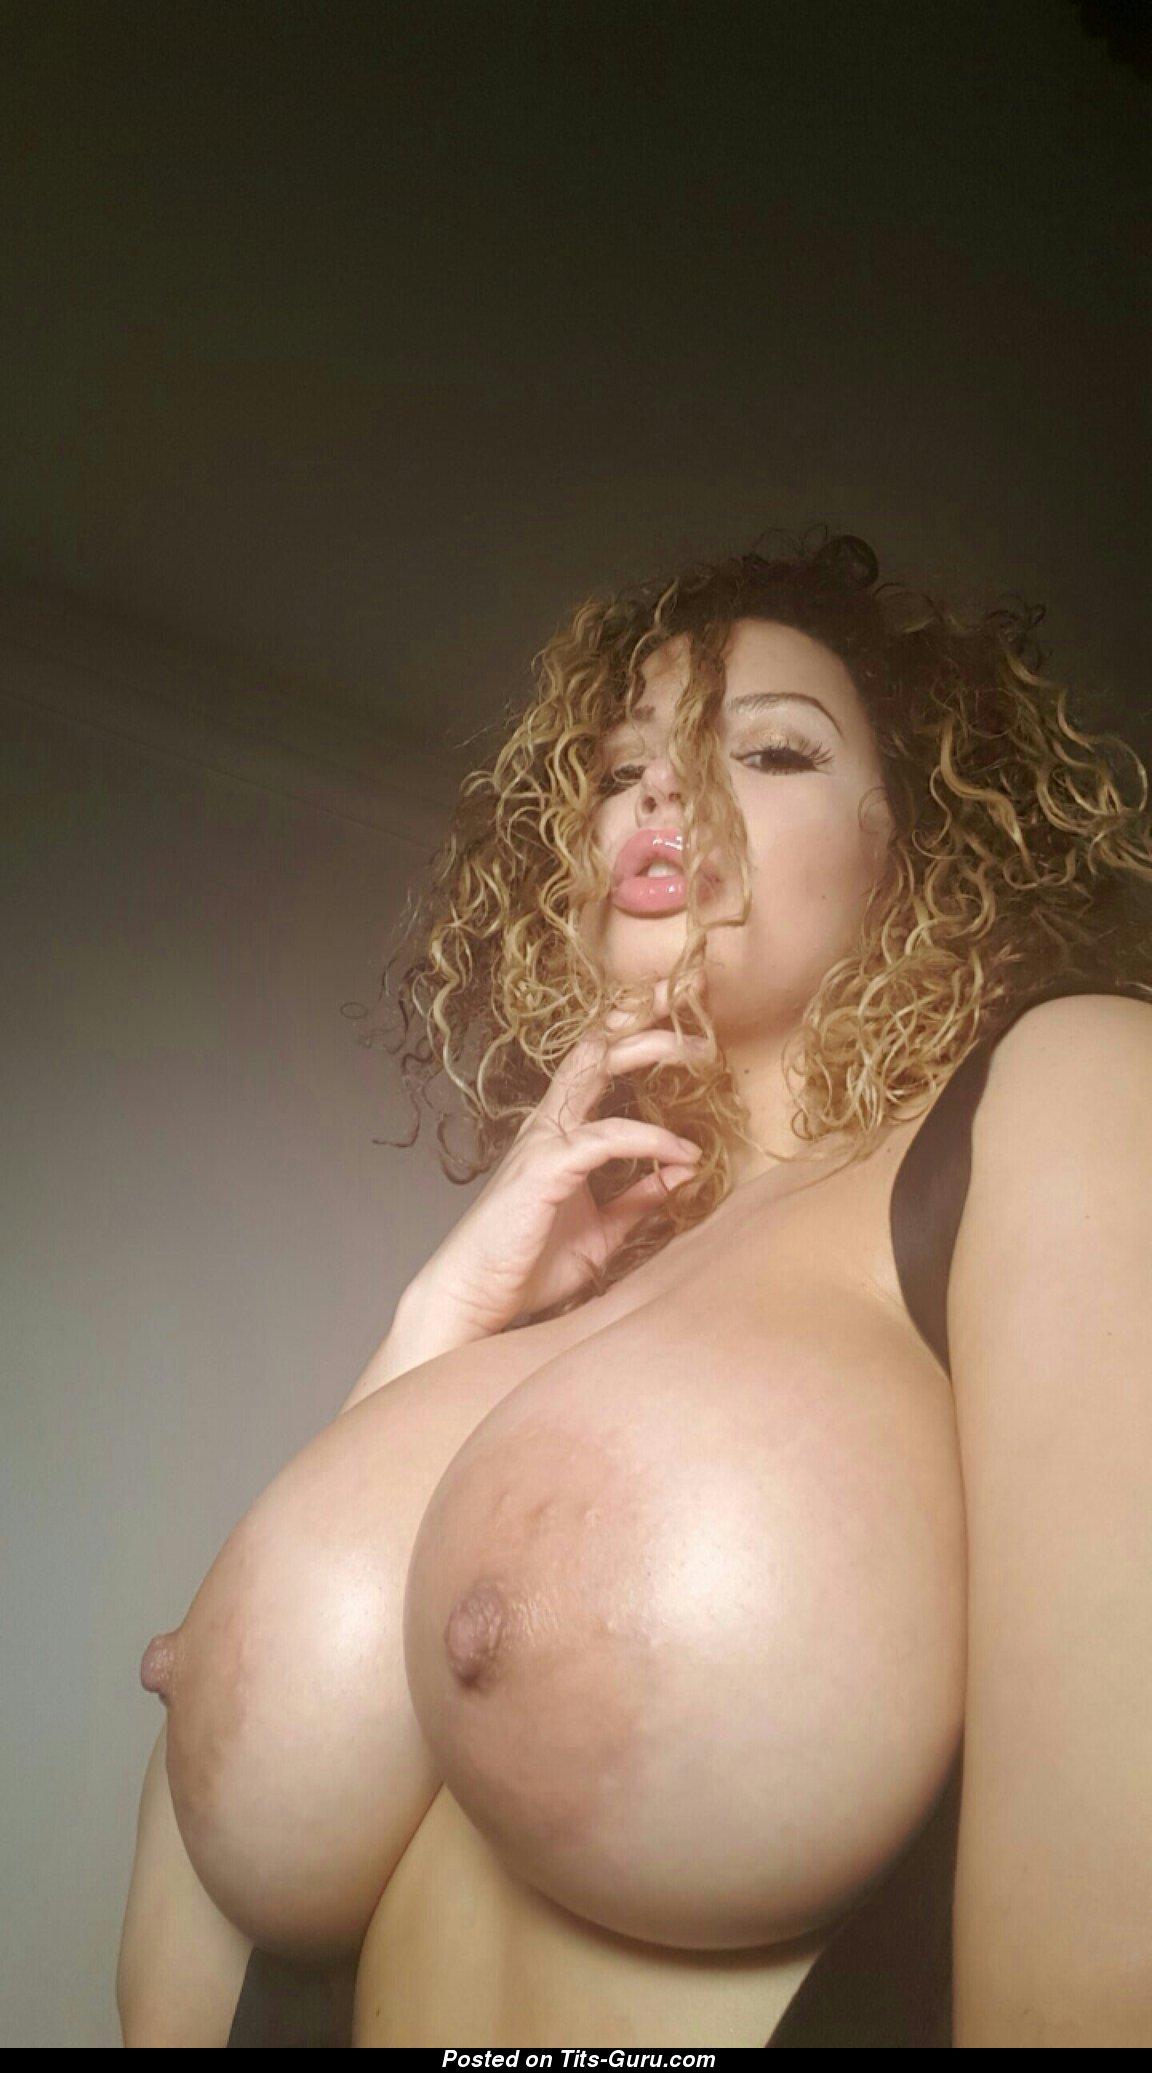 Aruba Jasmine - Ebony Pornstar With Open Very Big Boobs 18 -5167